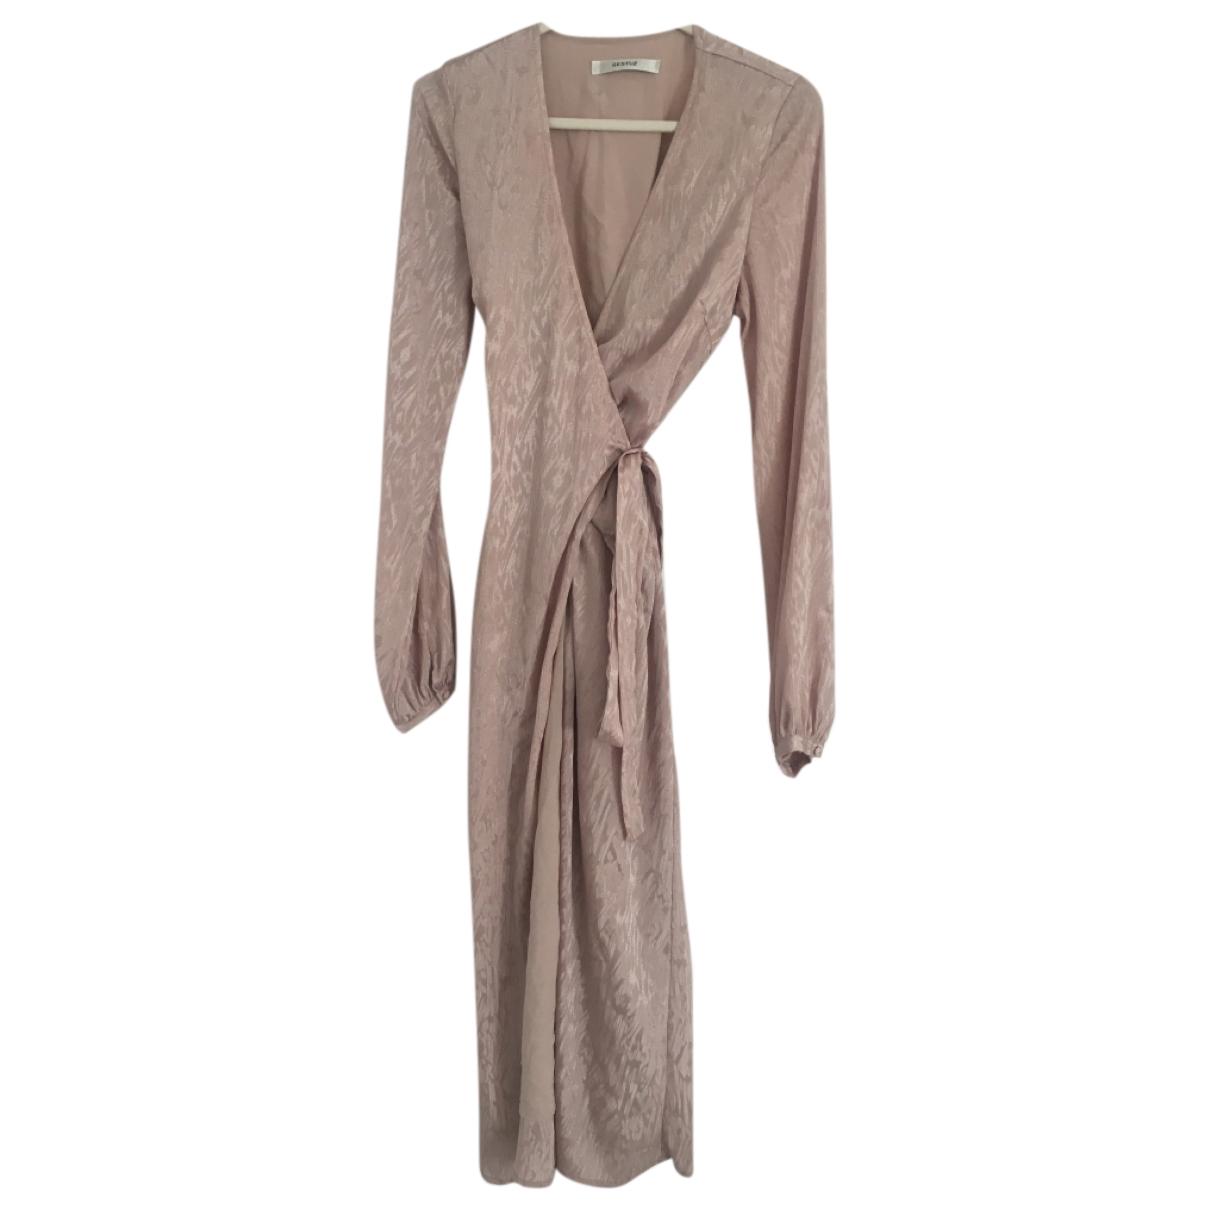 Gestuz \N Gold dress for Women 34 FR